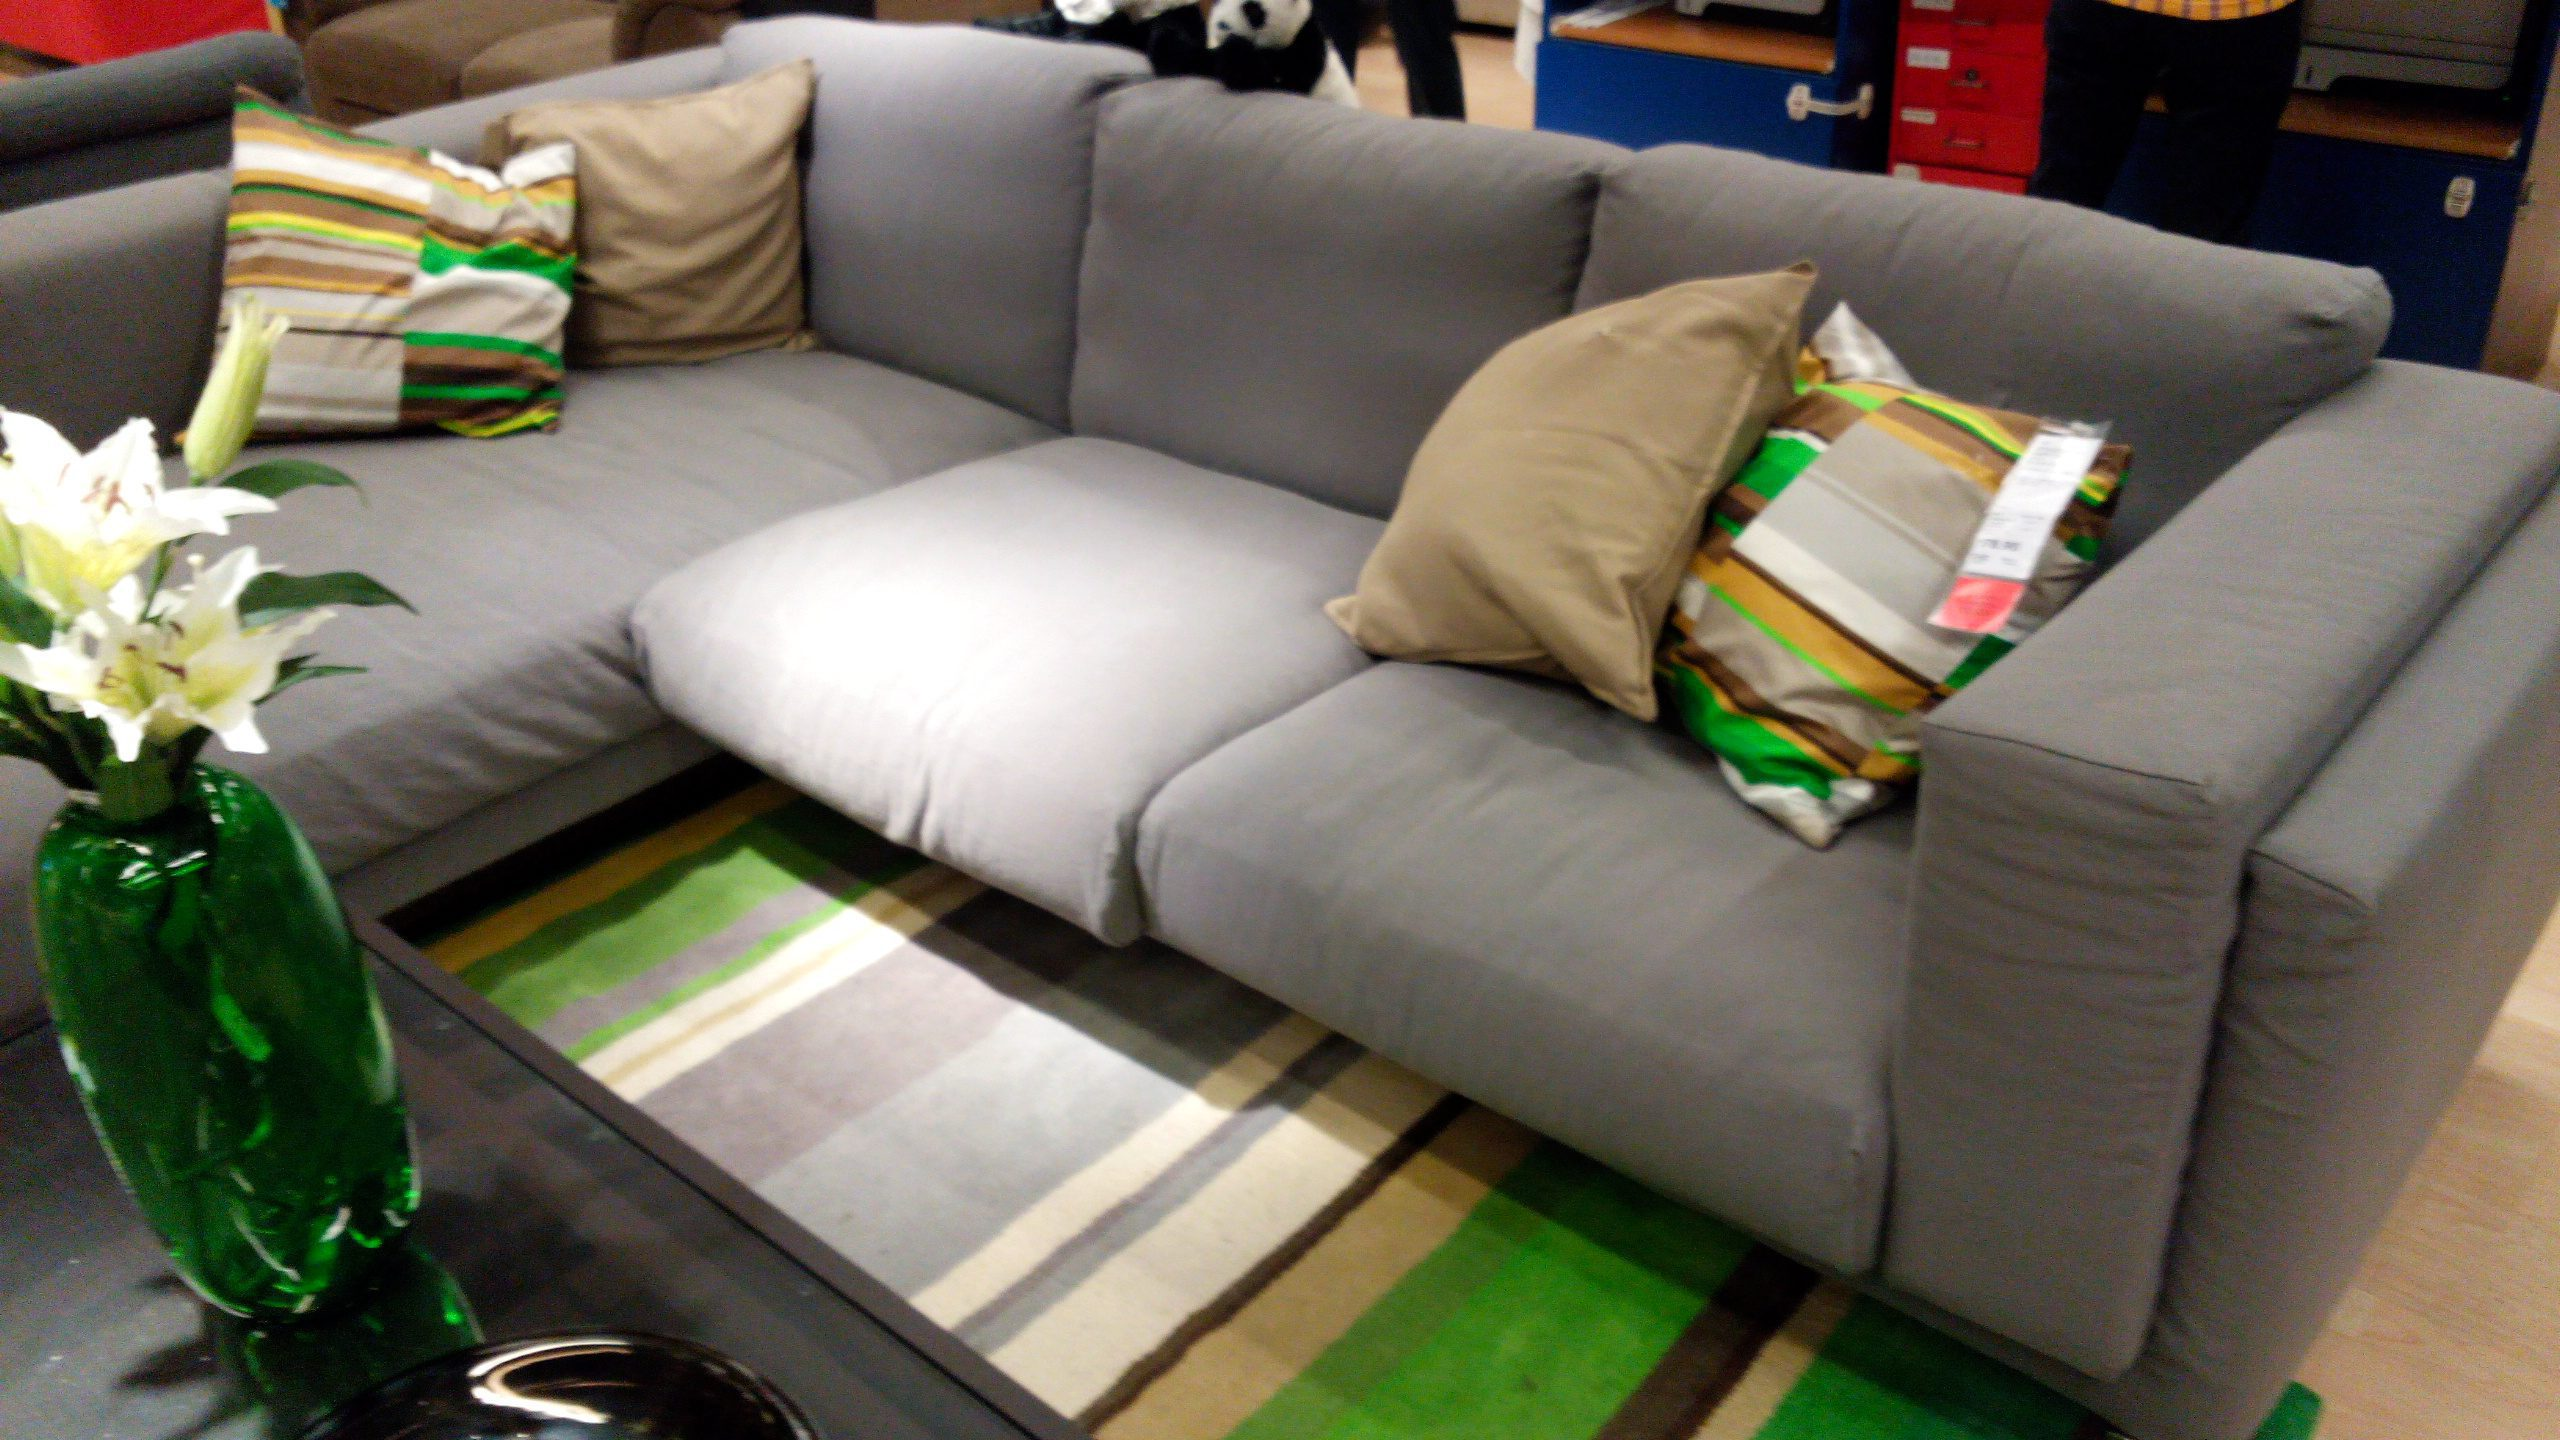 CANAPÉ NOCKEBY IKEA : DESCRIPTION, AVIS ET COMMENTAIRES